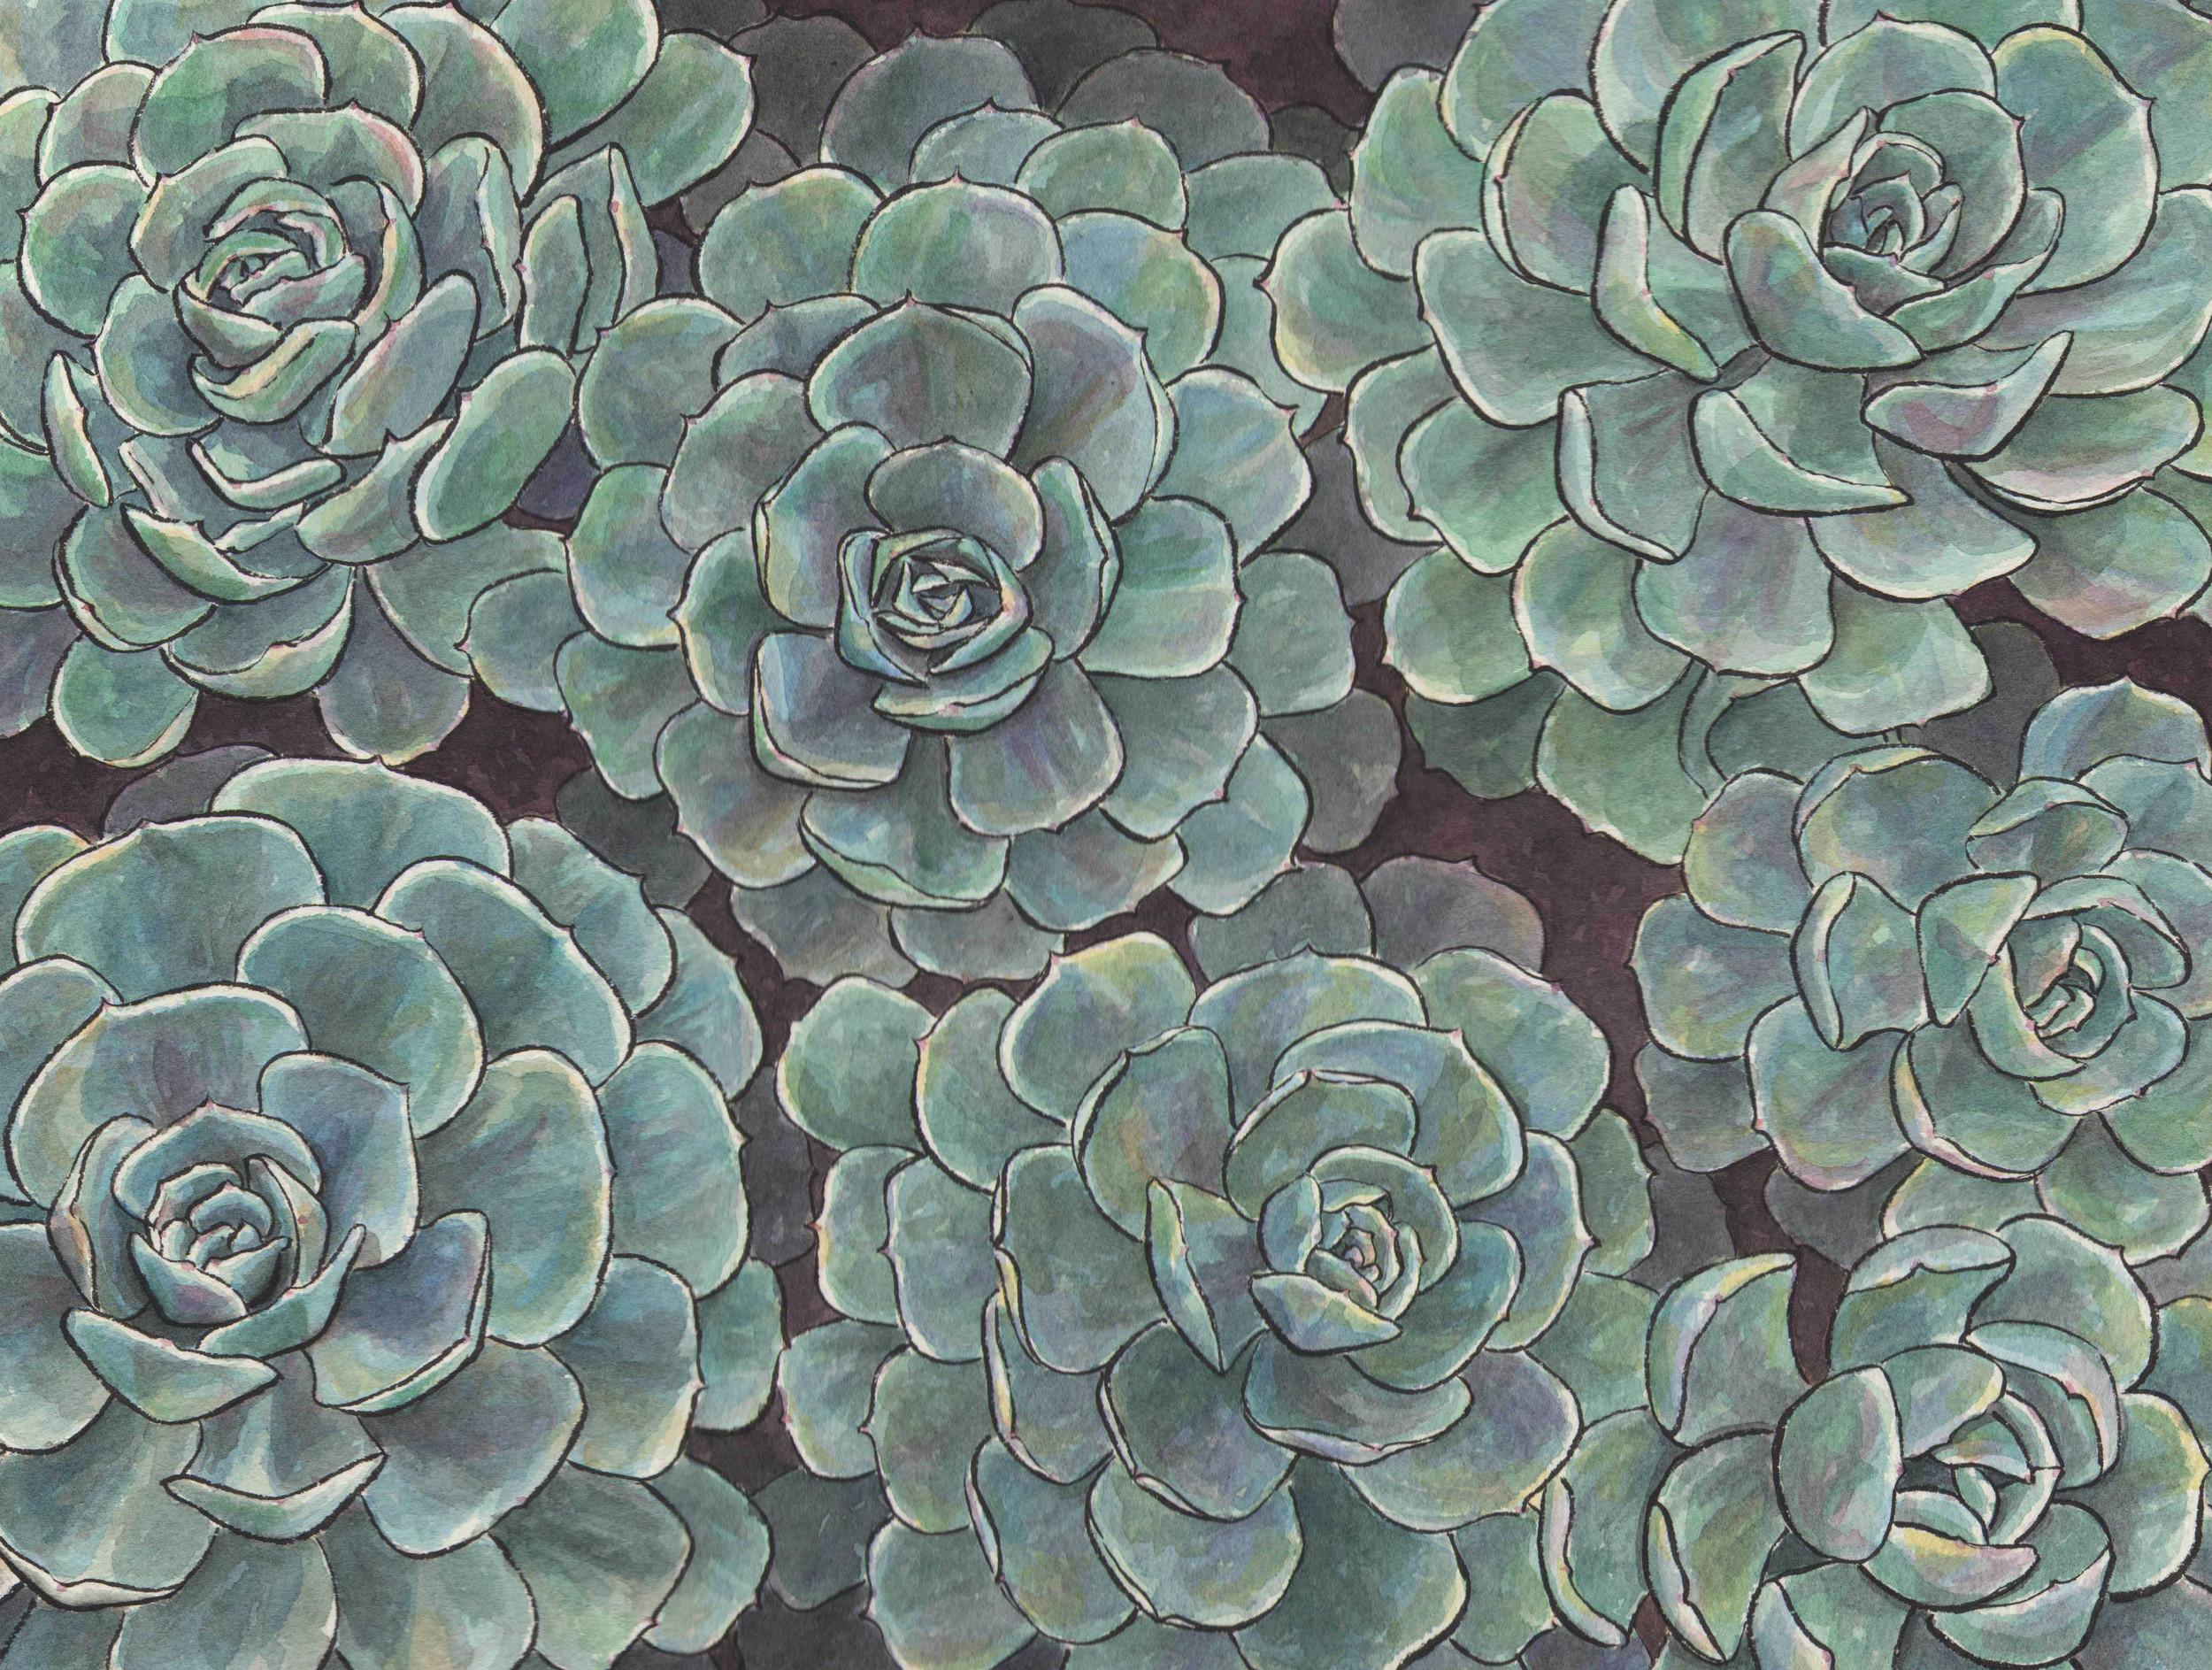 echeveria1_web_cropped.jpg